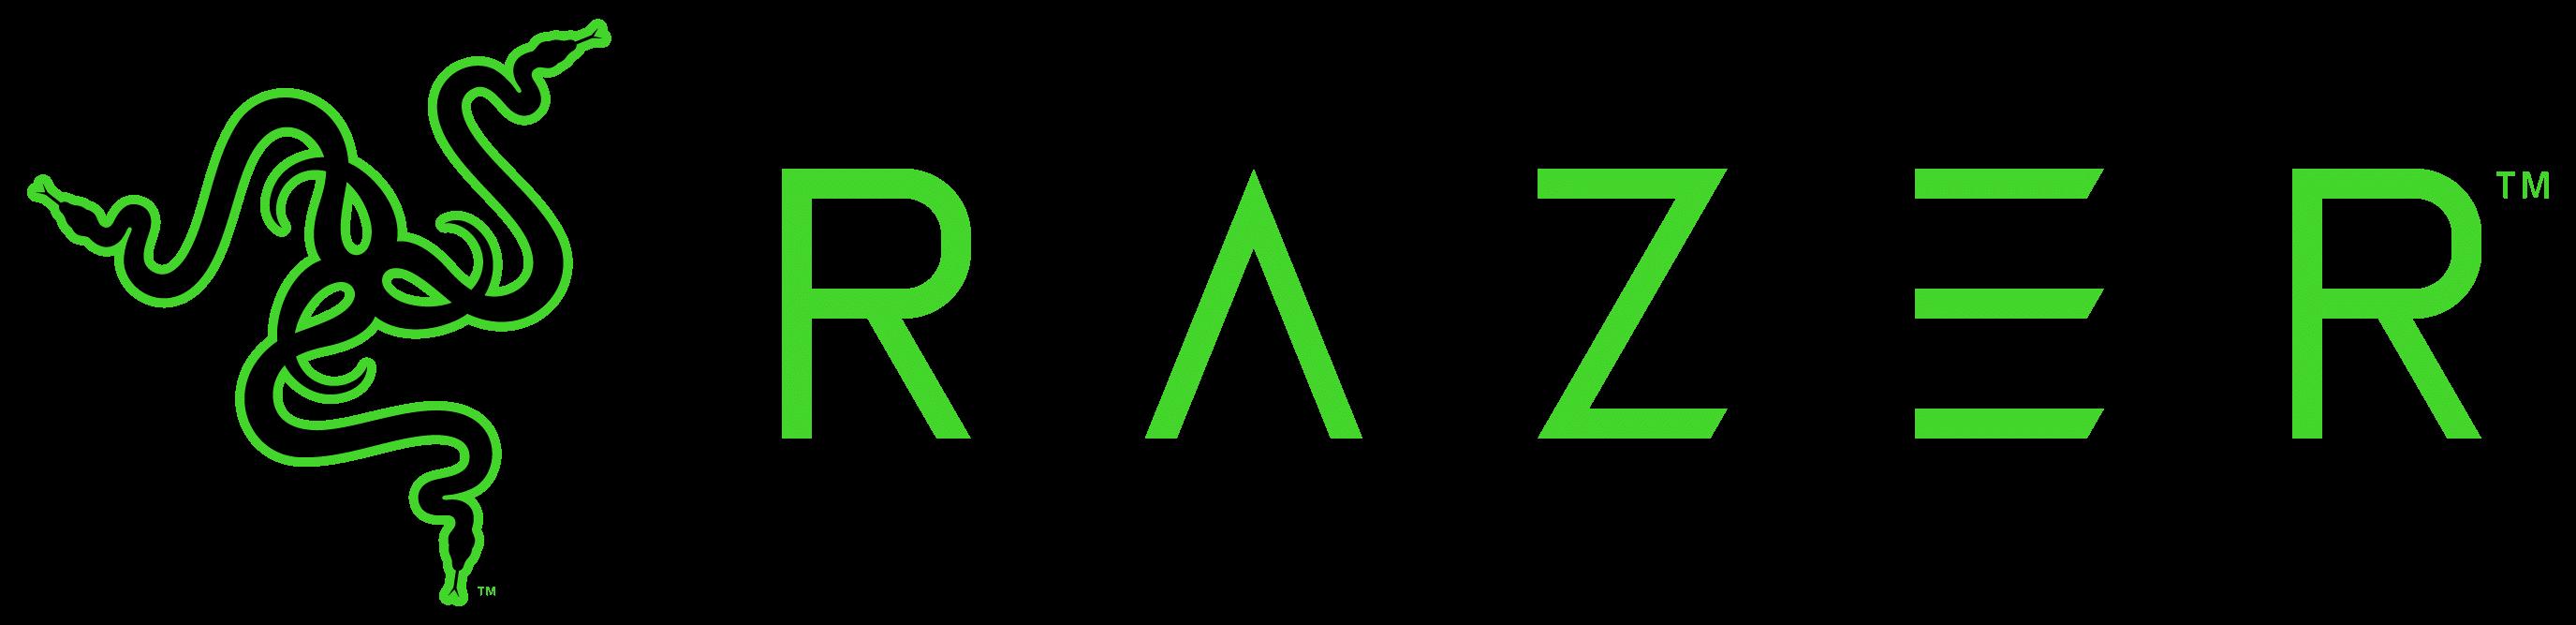 Das Razer-Logo.